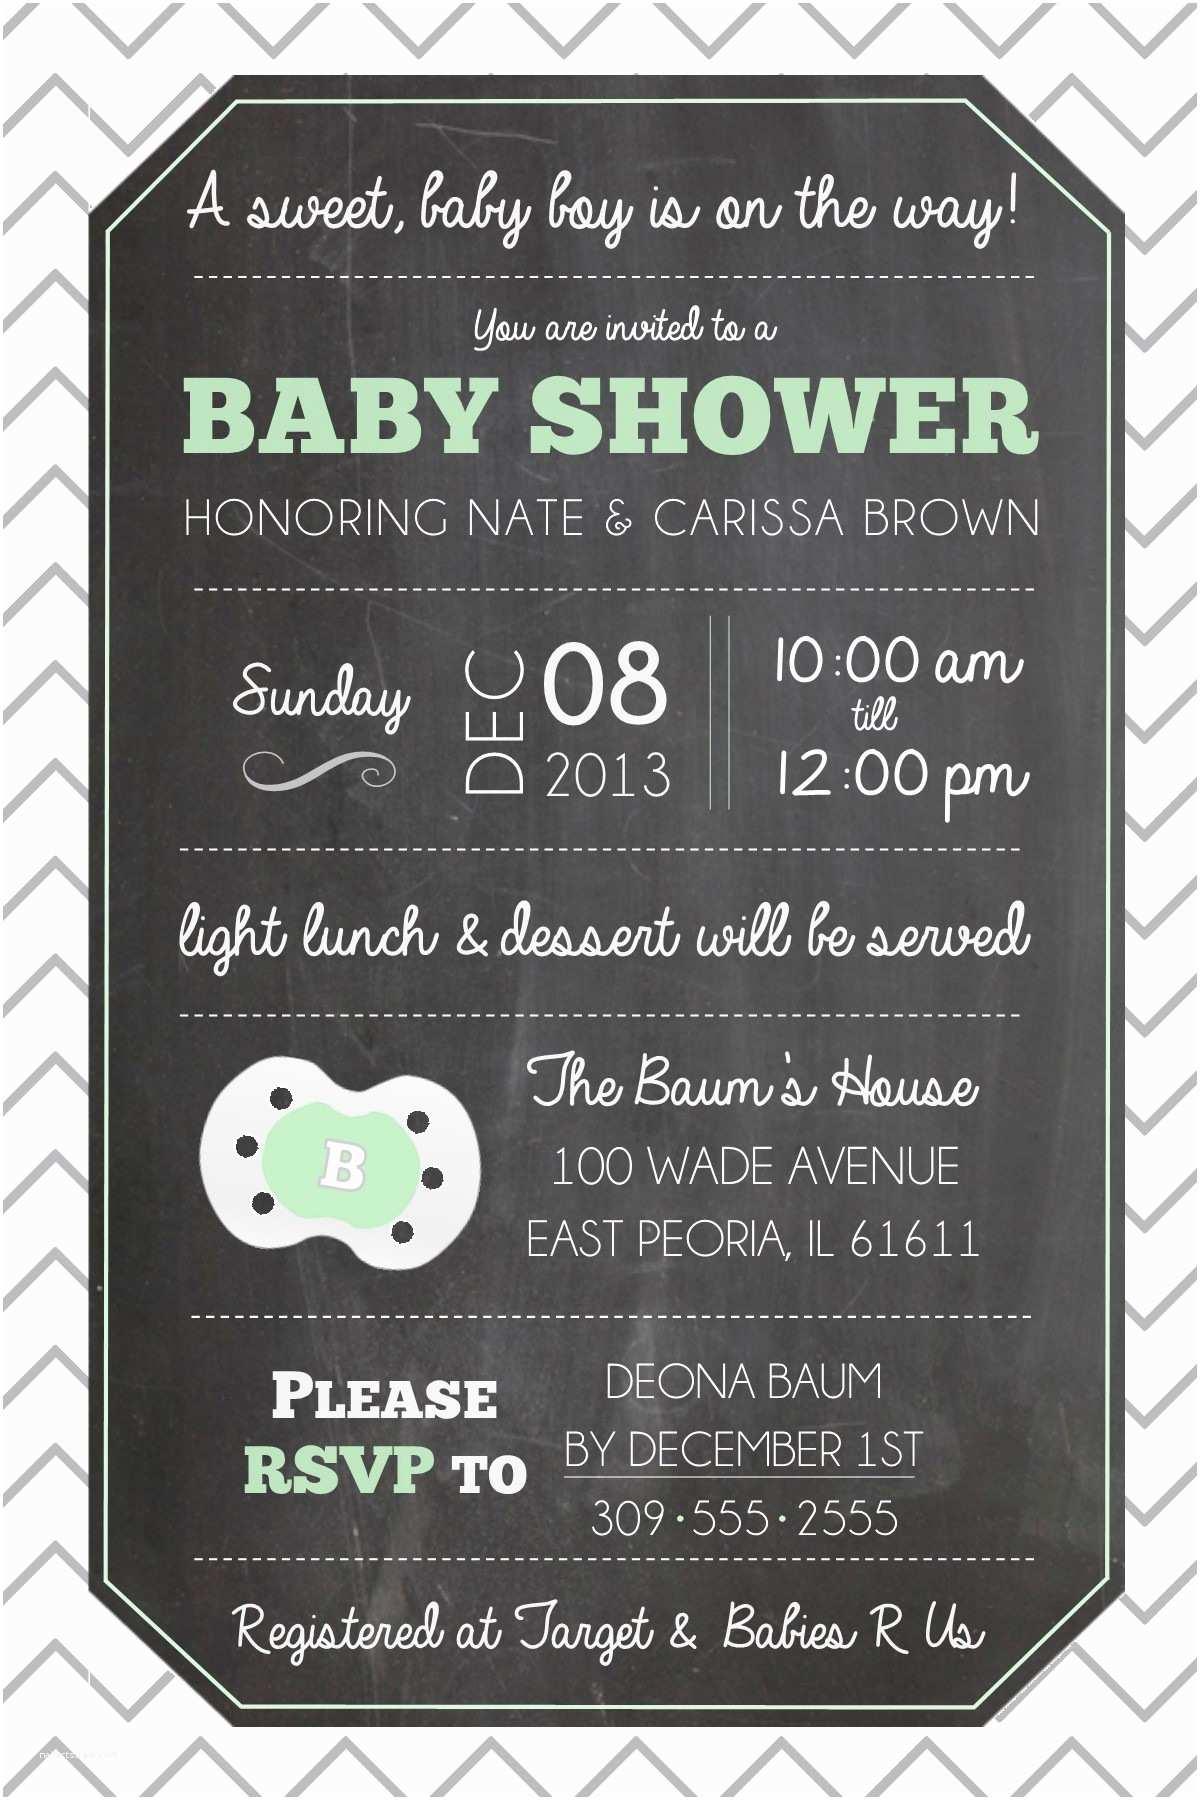 Chalkboard Baby Shower Invitations Chalkboard Inspired Invitations Baby Shower &